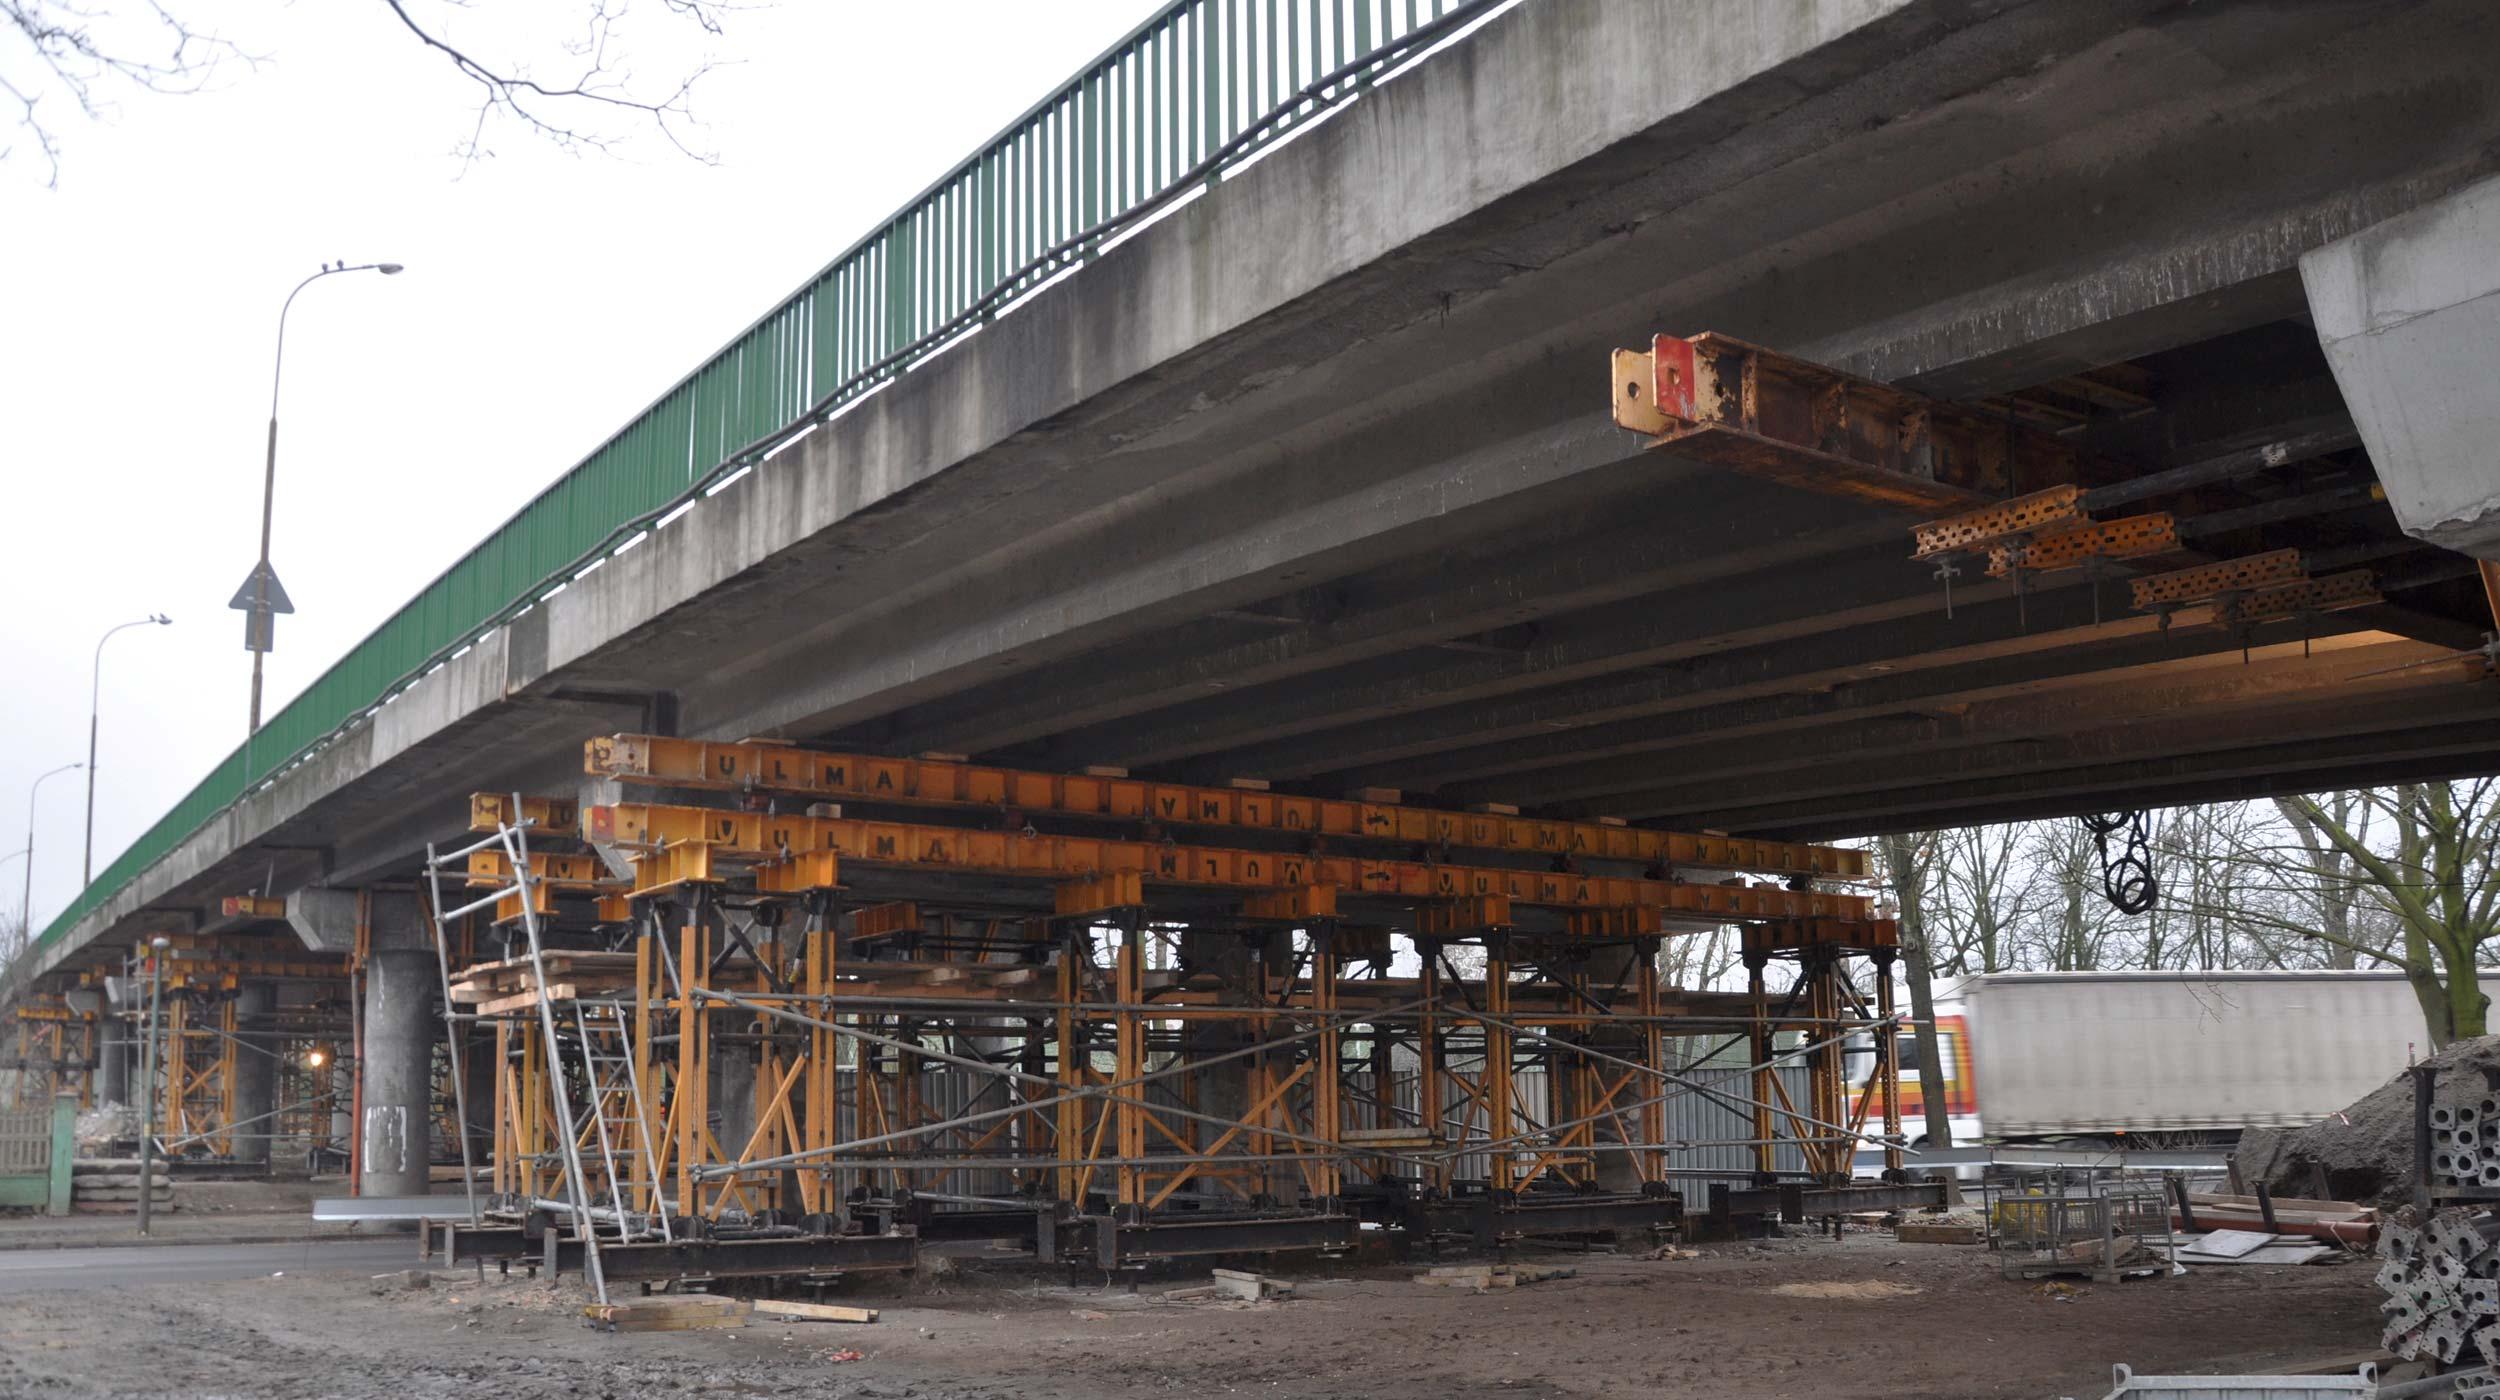 We wrześniu 2015 roku ruszyły prace remontowe estakady nad linią PKP w ciągu drogi krajowej nr 94. Wiadukt od lat znajdował się w złym stanie.